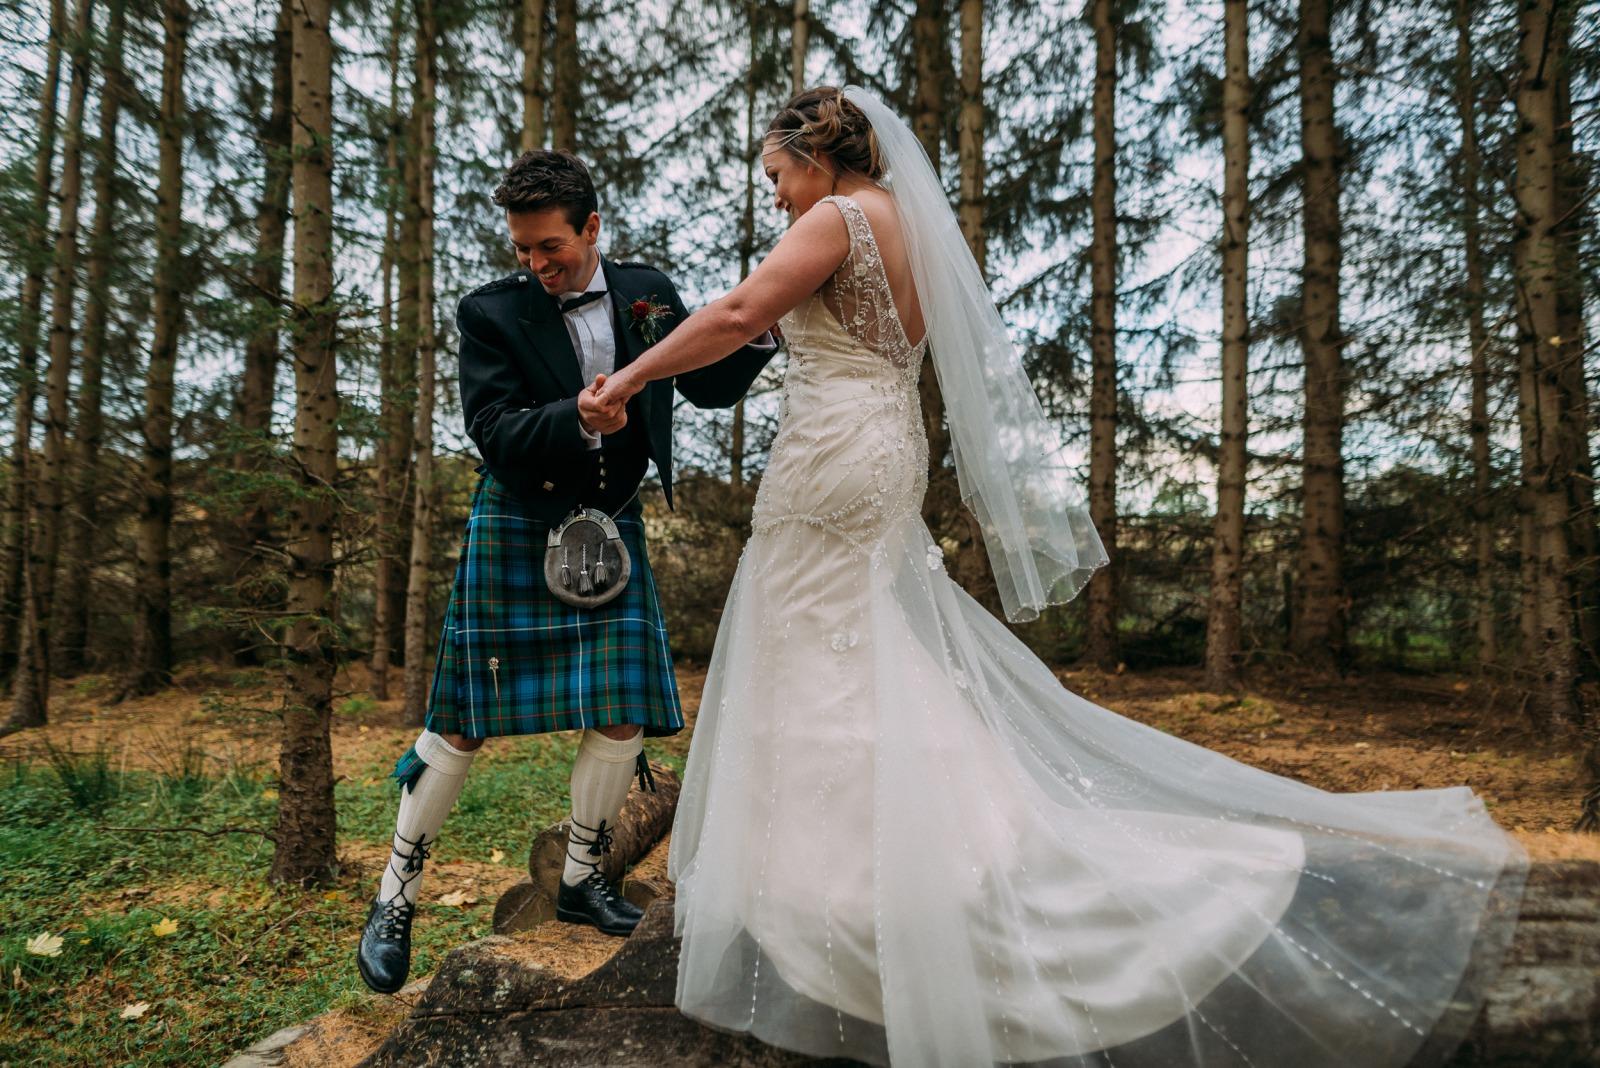 highward-house-wedding-368-of-372